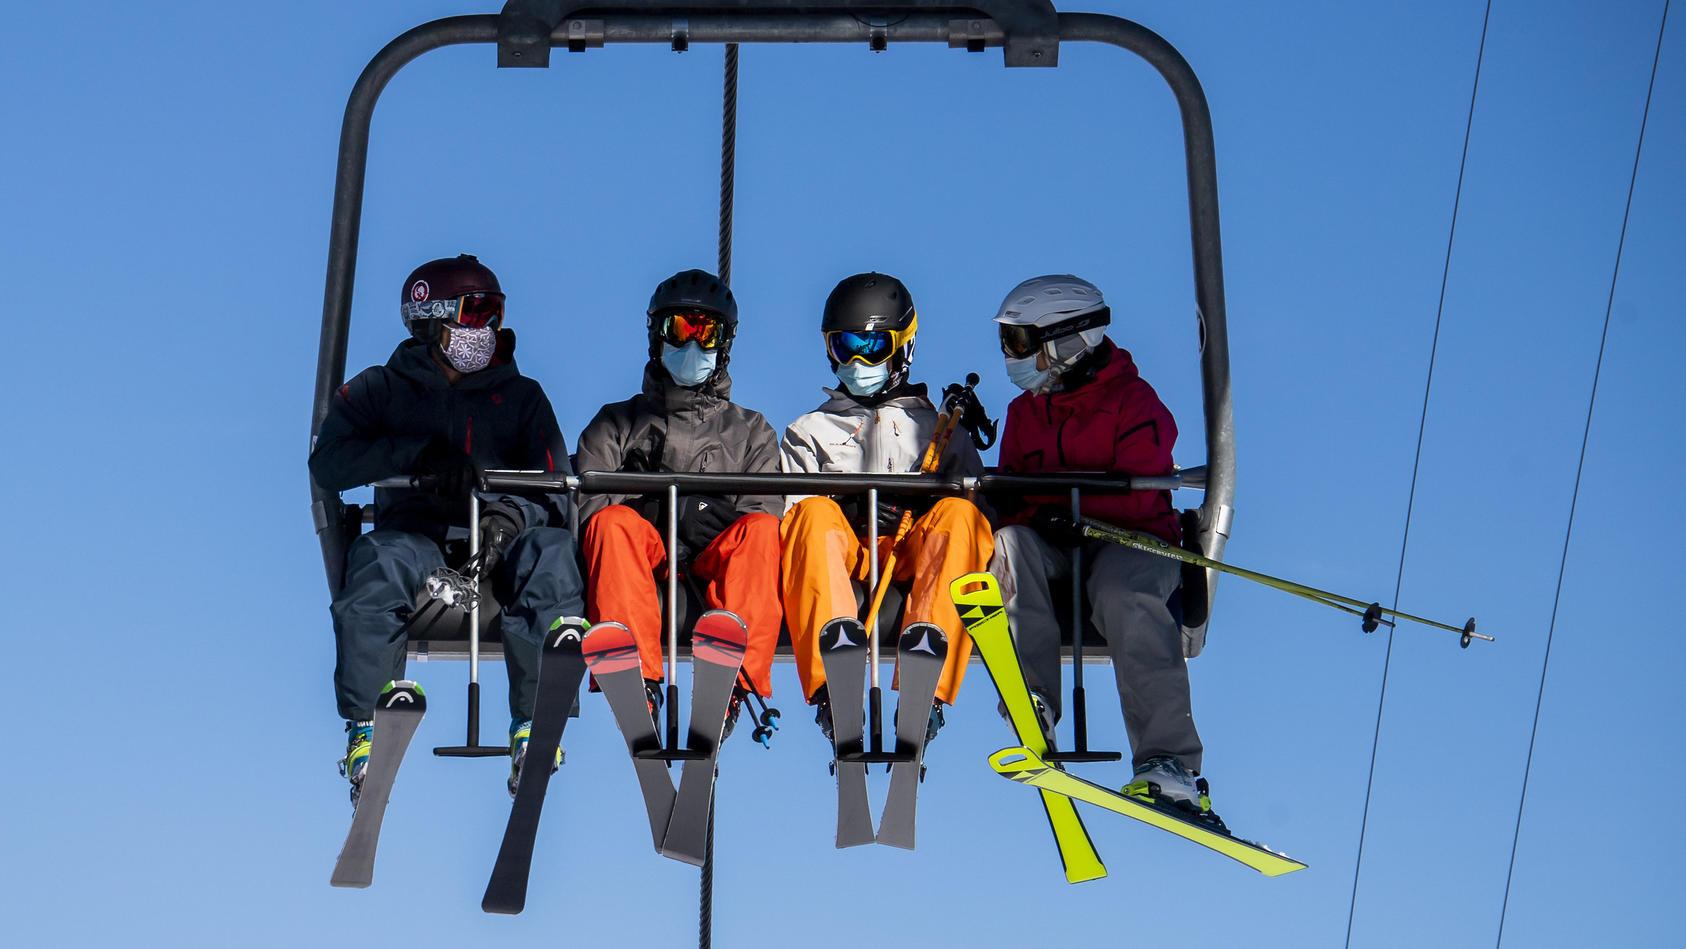 Der Tourismusbeauftragte der Bundesregierung, Thomas Bareiß, will trotz Corona kein Verbot der Skisaison